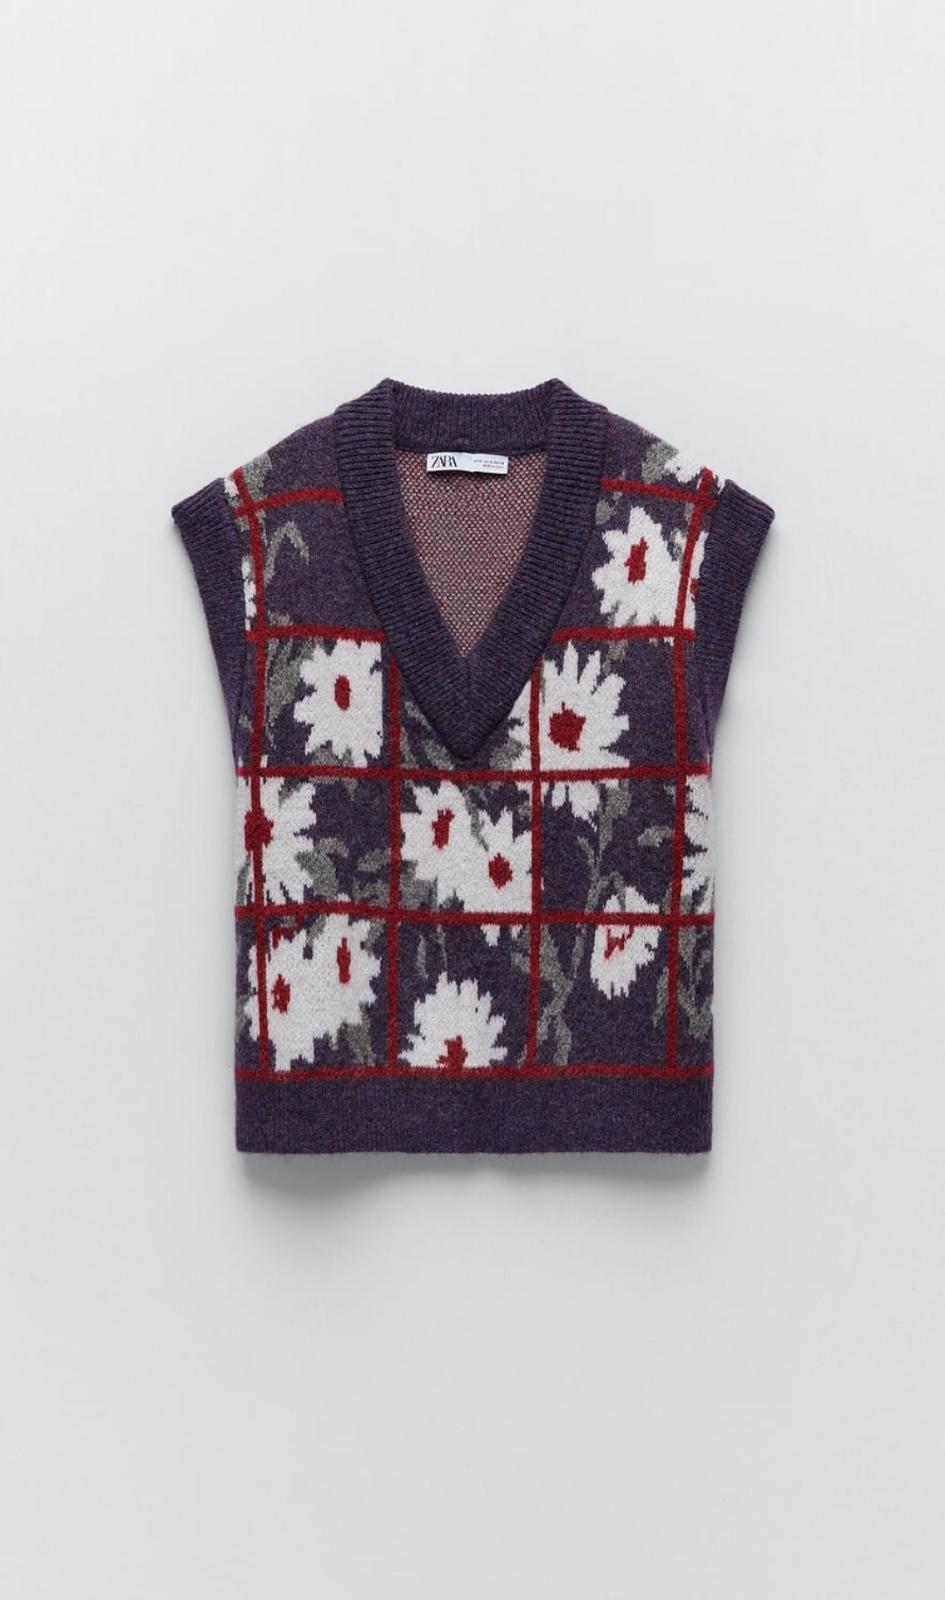 Chaleco con escote de pico y manga sisa con estampado floral, de Zara (25'99€)